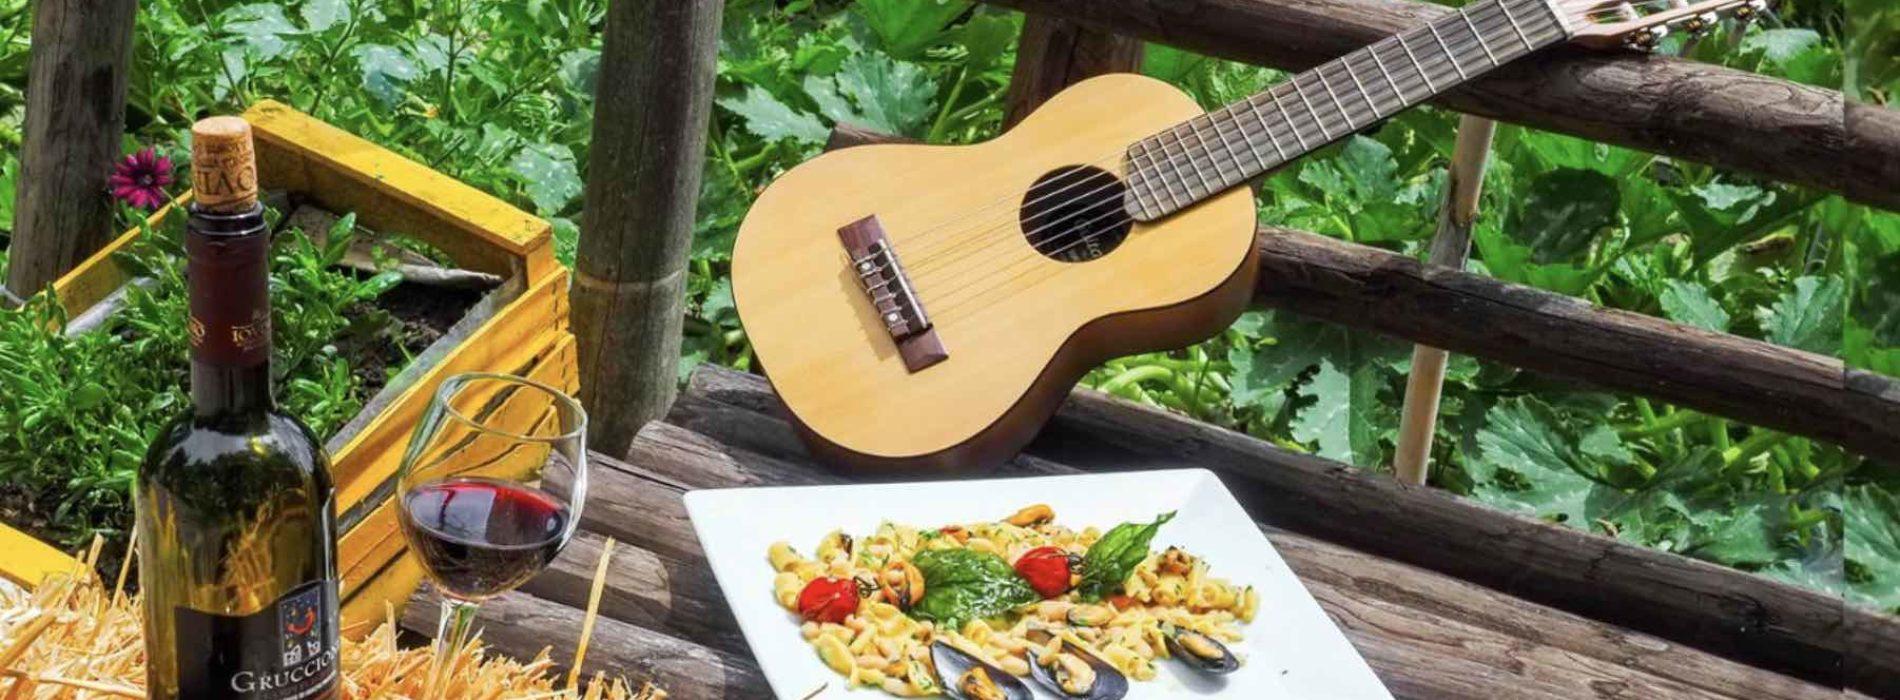 Jazz in vigna, musica, cibo e vino nei Campi Flegrei